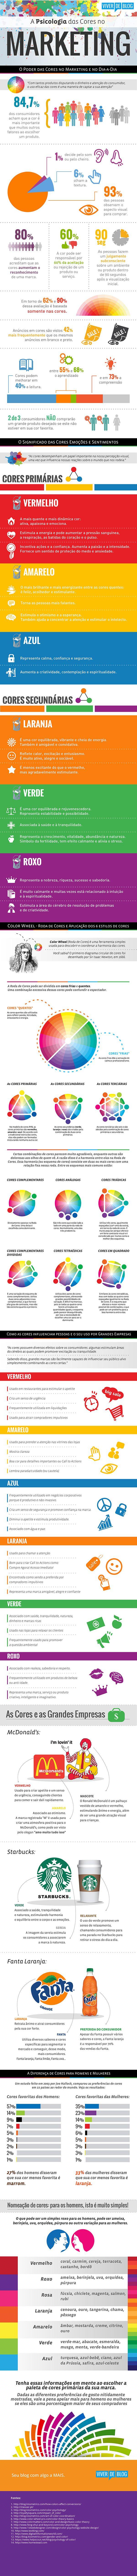 A psicologia das cores no marketing e no dia-a-dia.  Estudo apresenta dados e curiosidades de extrema importância para pessoas que trabalham em comunicação e arte.